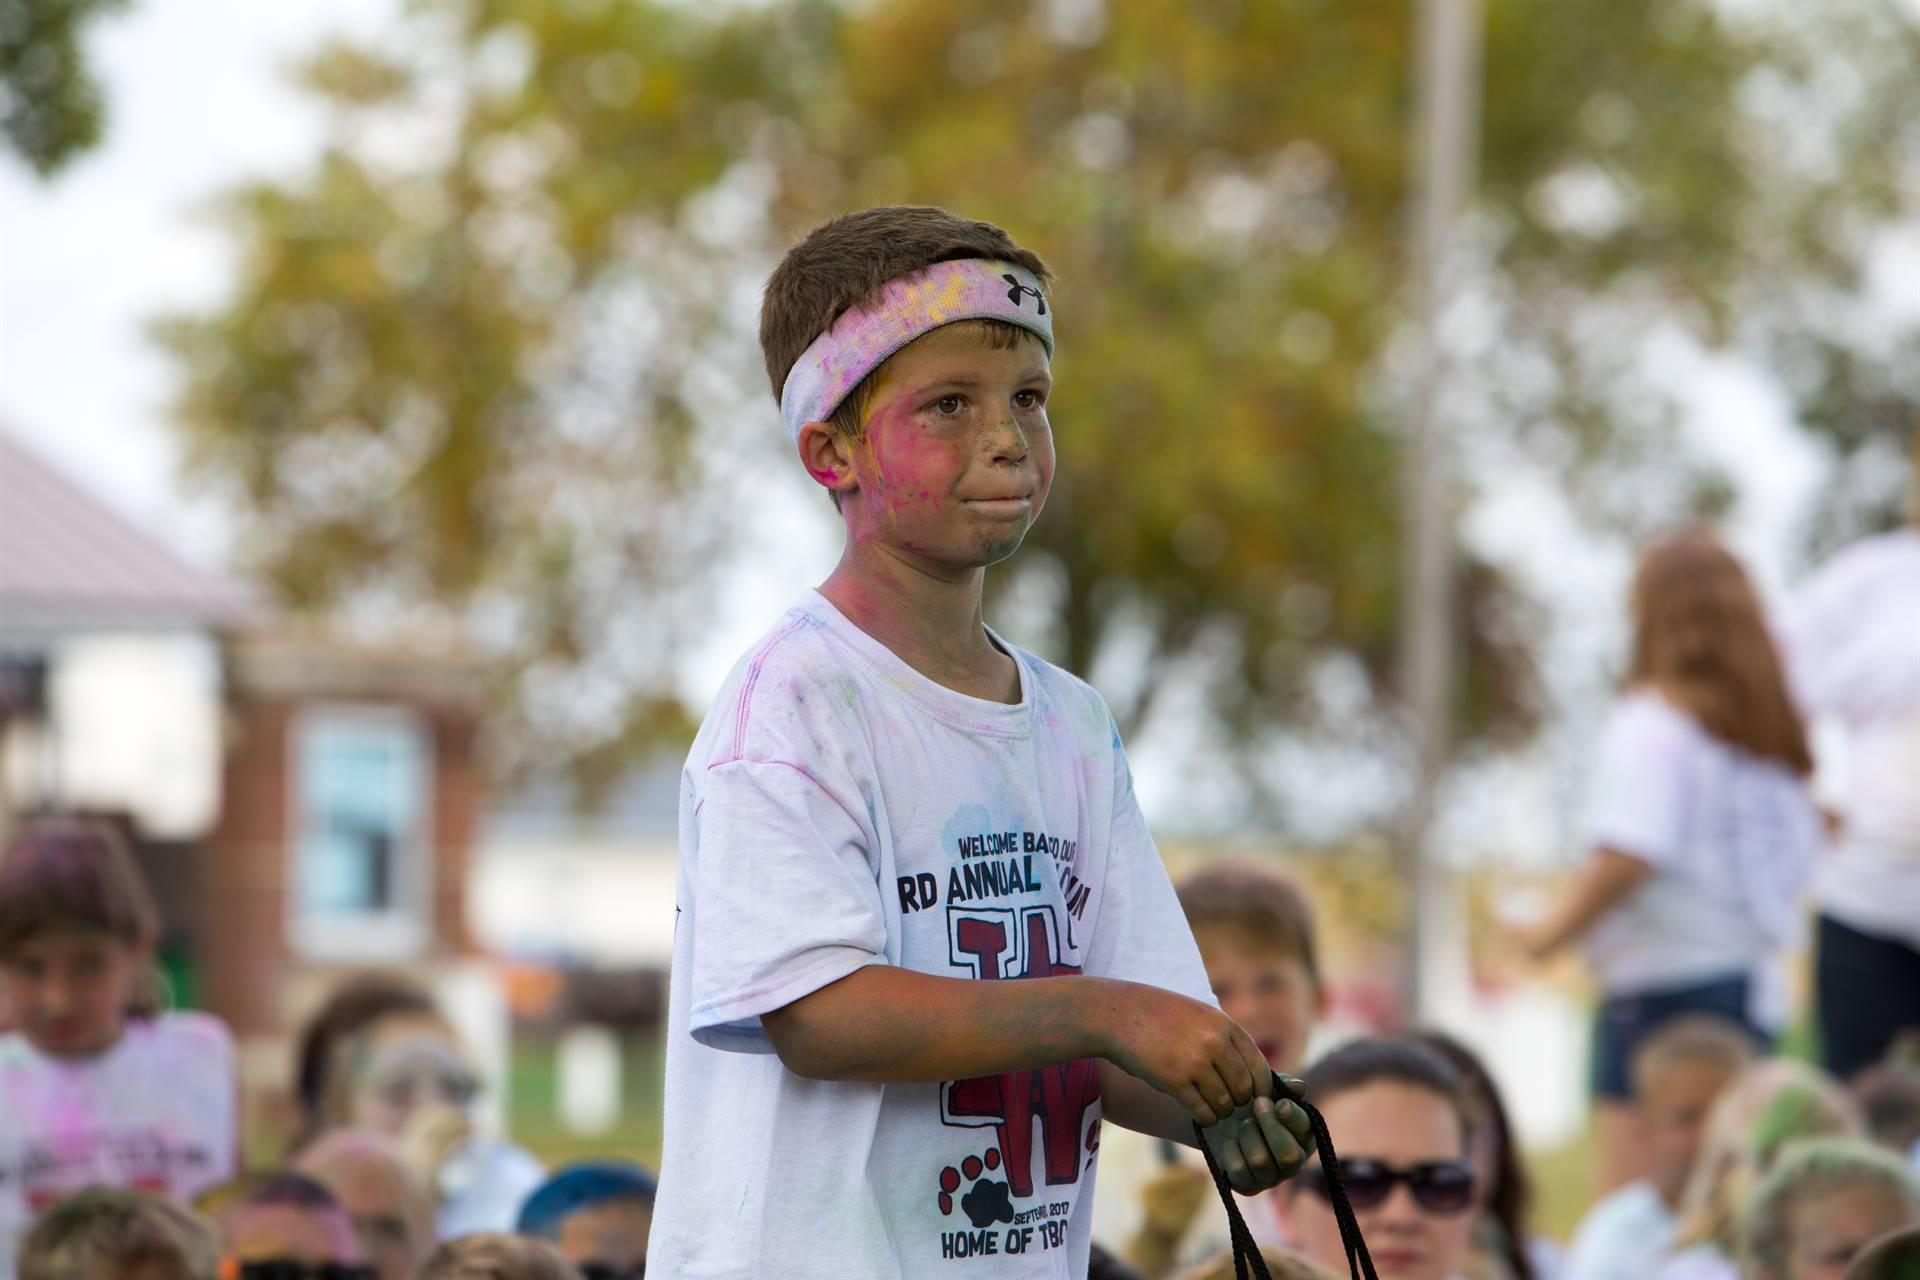 Boy 2 at color run